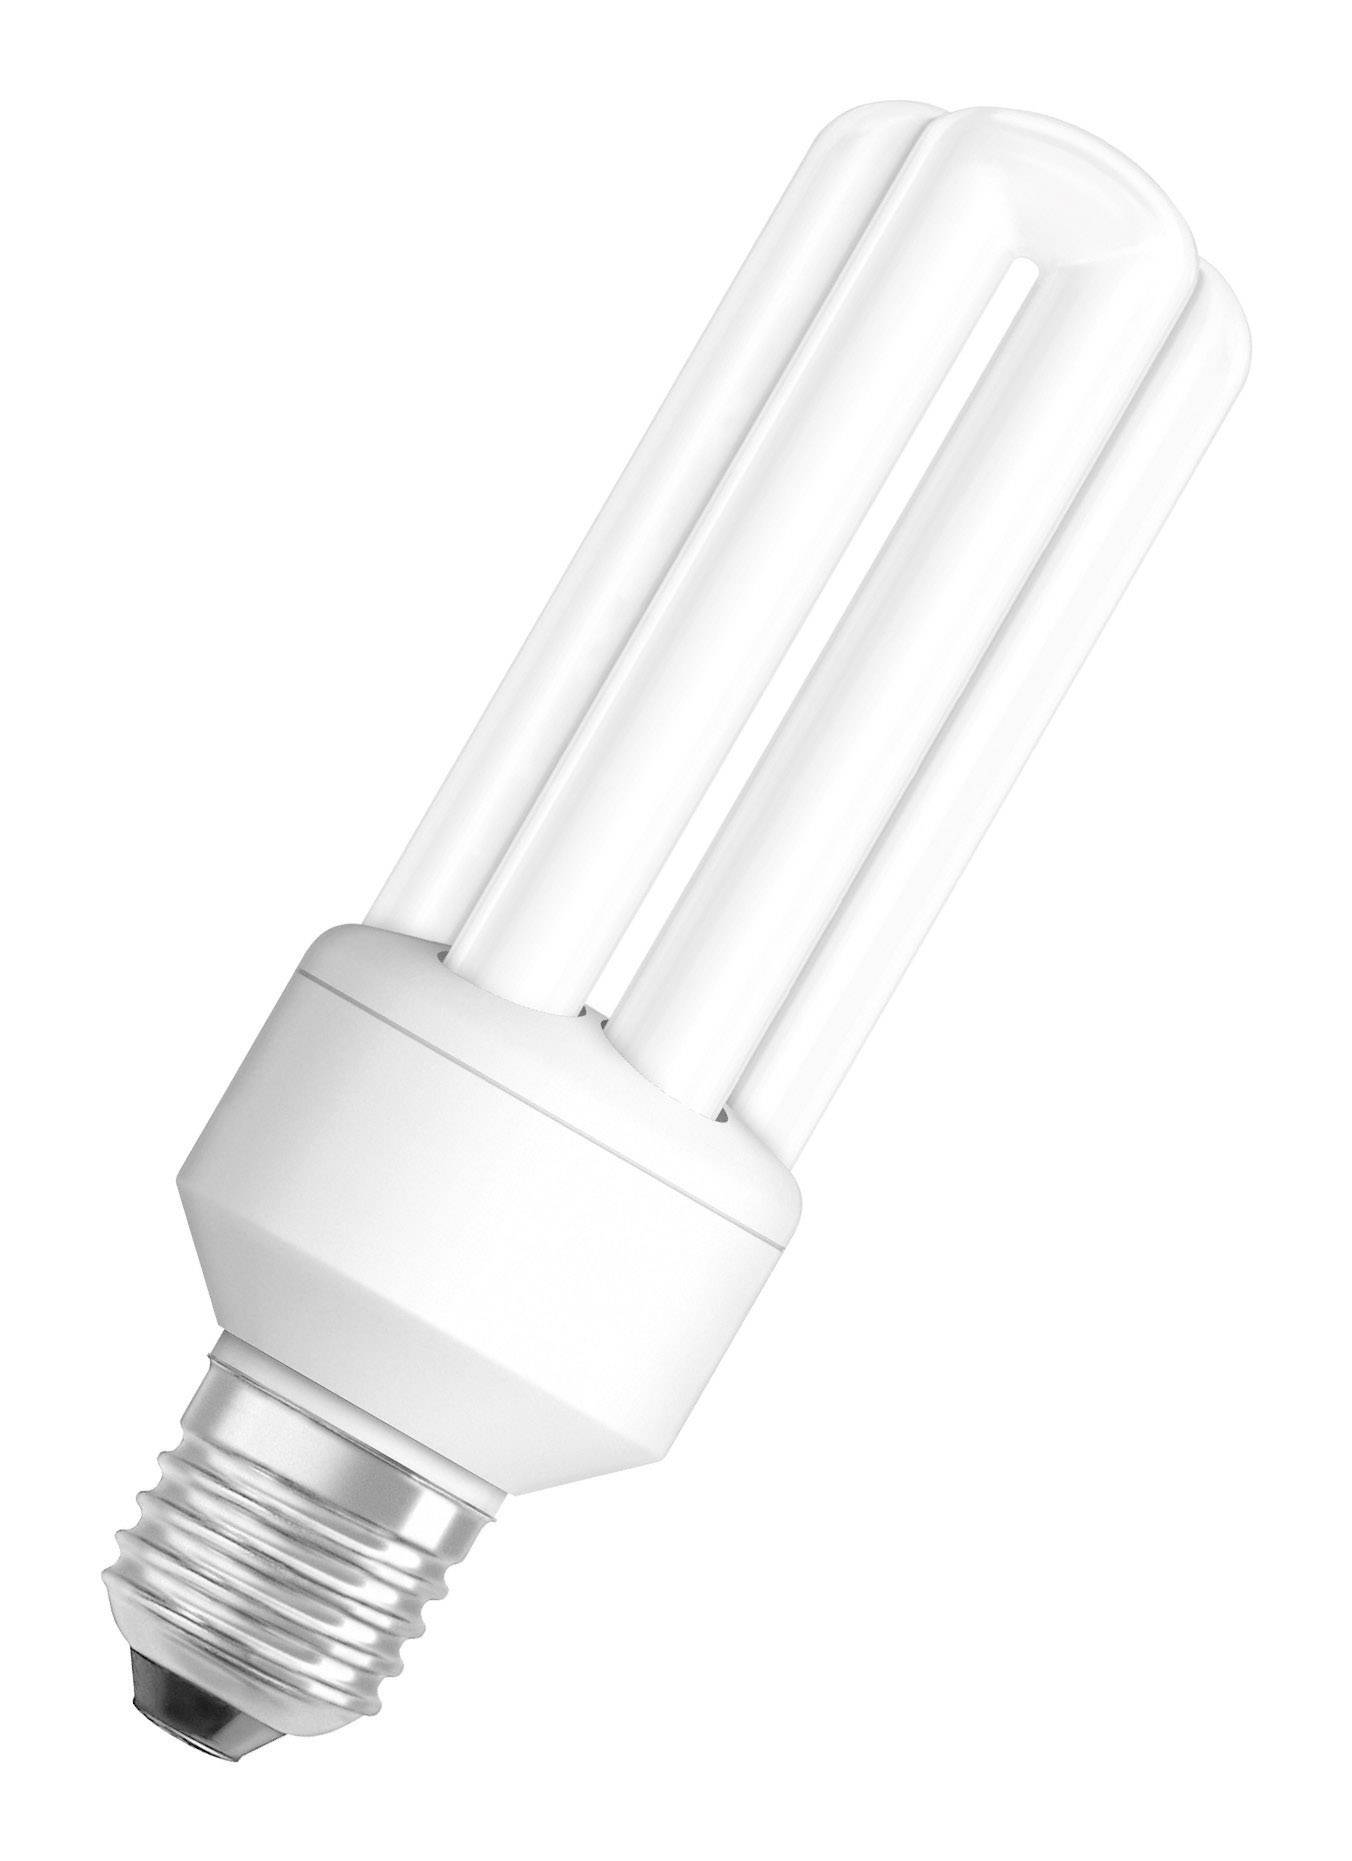 Úsporná žiarovka rúrková Osram Star E27, 20 W, teplá biela